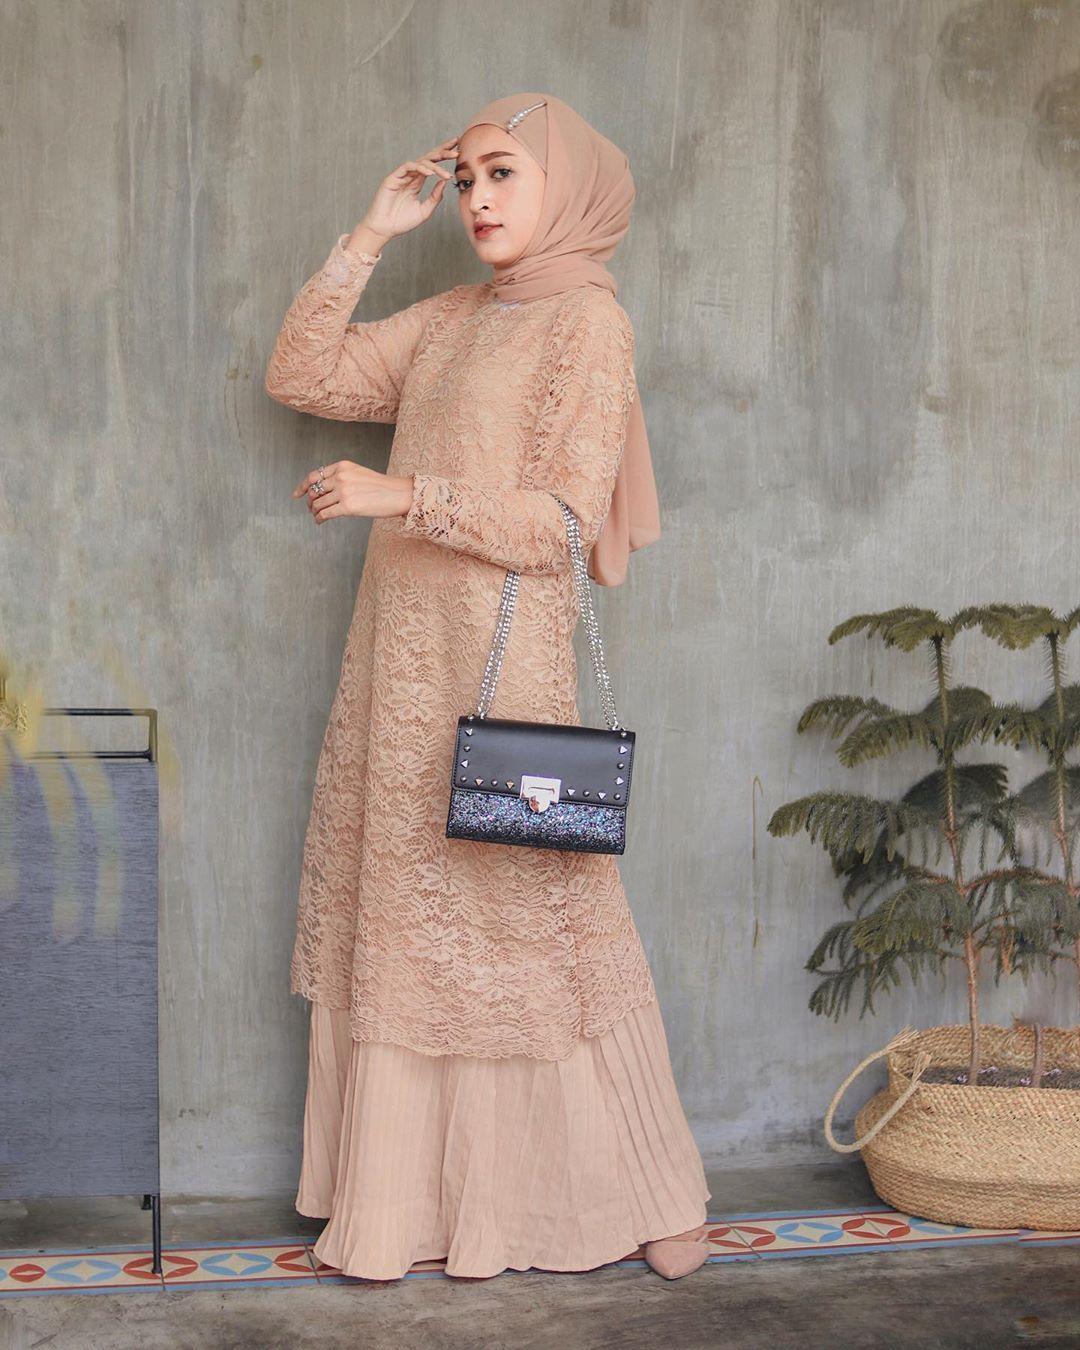 """Seviq Febinita di Instagram """"Kondangan style again!😋 Dress cantik"""